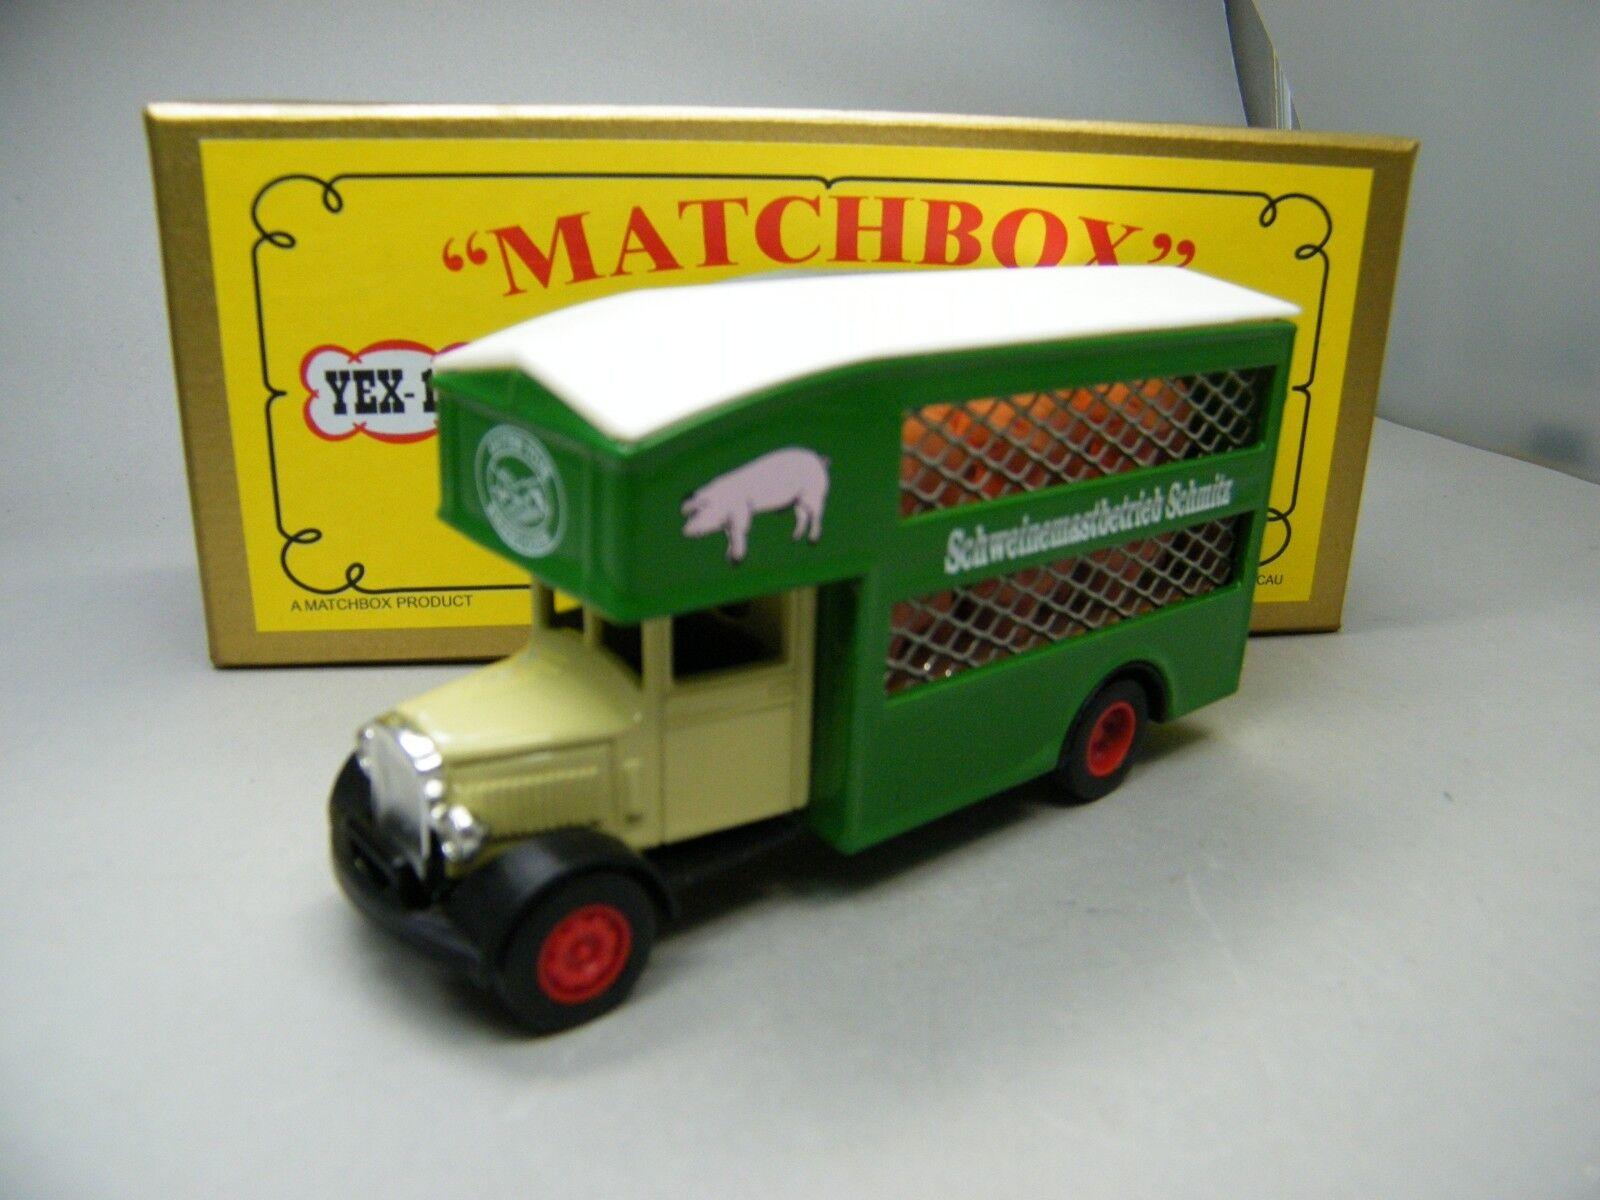 Matchbox moy c2 yex-10 morris cerdos Transporter completamente transformación raramente OVP k01